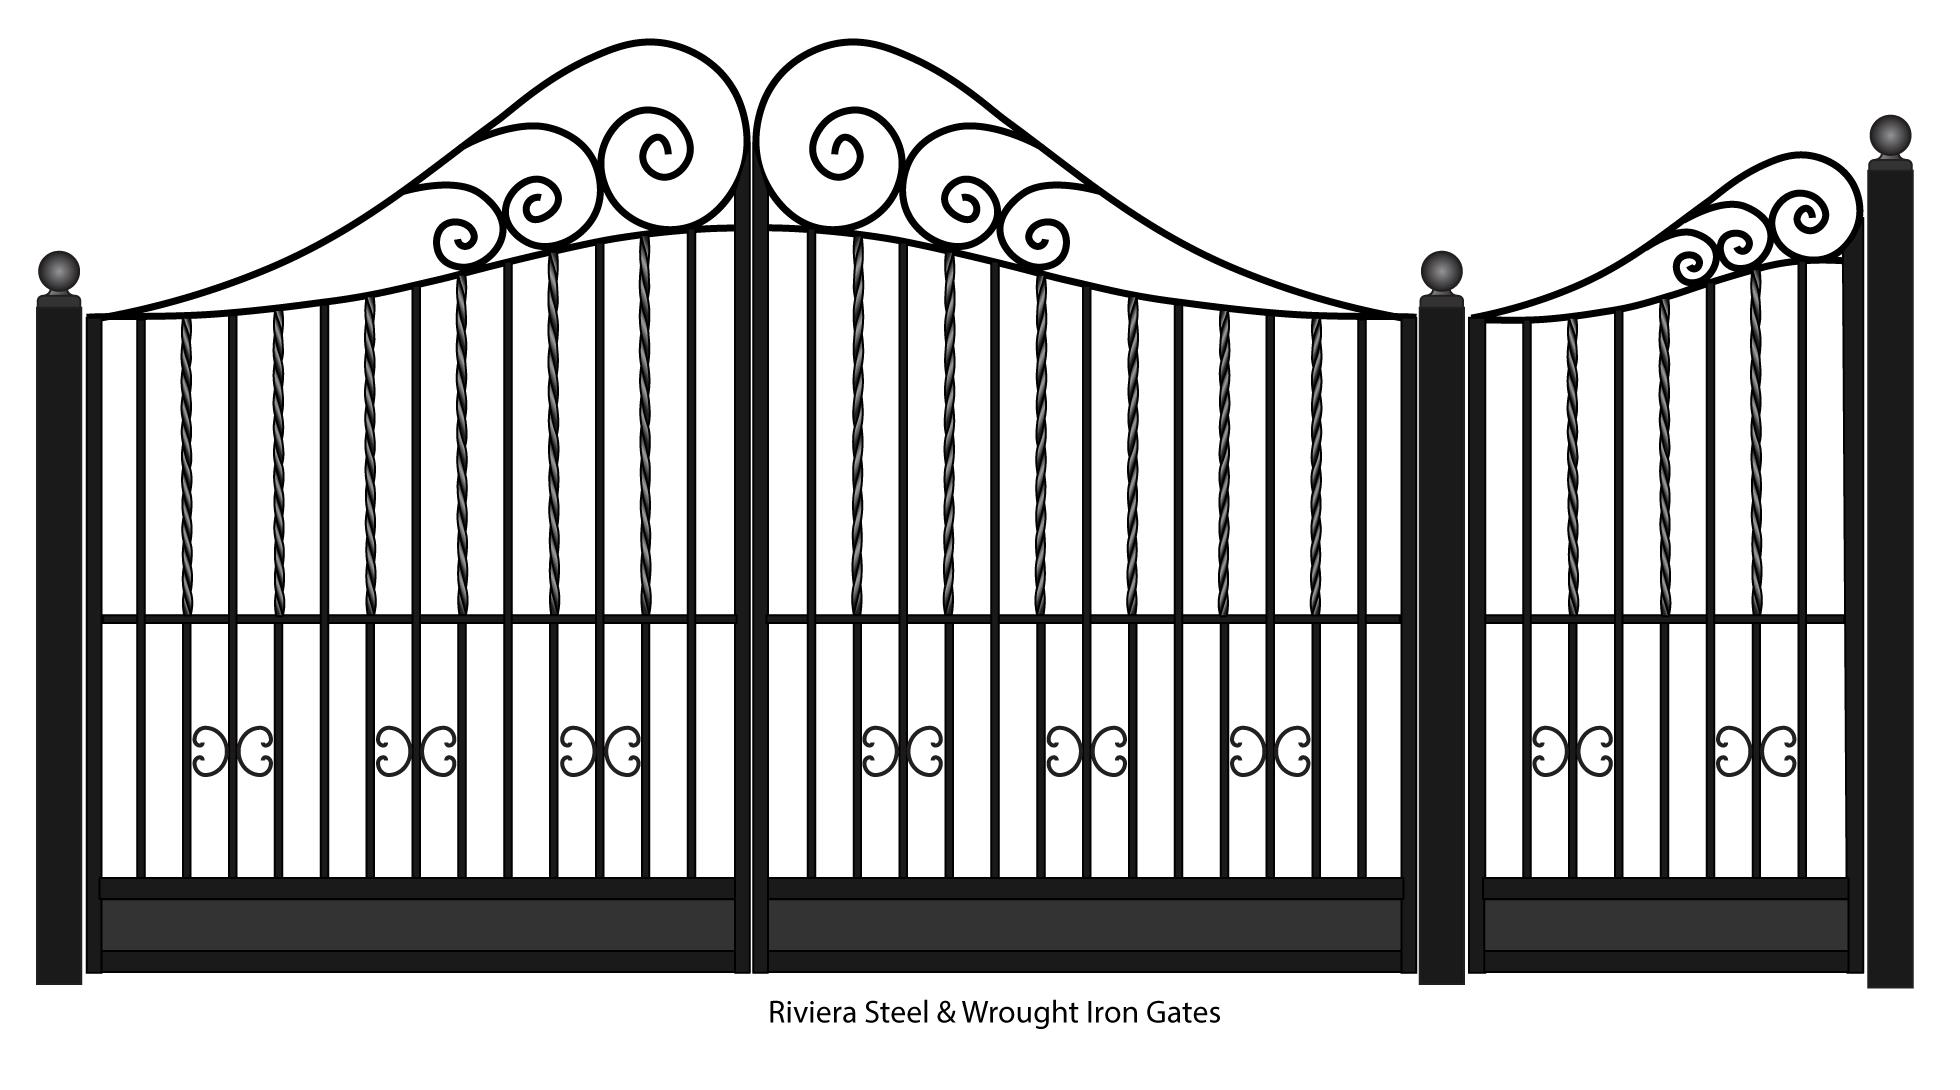 Riviera Wrought Iron entrance gates | Iron gates, Wrought ... on decorative iron gates for homes, sliding window designs for homes, ceiling designs for homes, iron security gates for homes, new window designs for homes, window grill designs for homes, modern gate designs for homes, side gate designs for homes, portico designs for homes, wood gate designs for homes, lawn designs for homes, door designs for homes, bay window designs for homes, iron walkway gates, iron gates design in the philippines, steel gate designs for homes, media room designs for homes, wrought iron gate for homes, bathroom window designs for homes, gutter designs for homes,